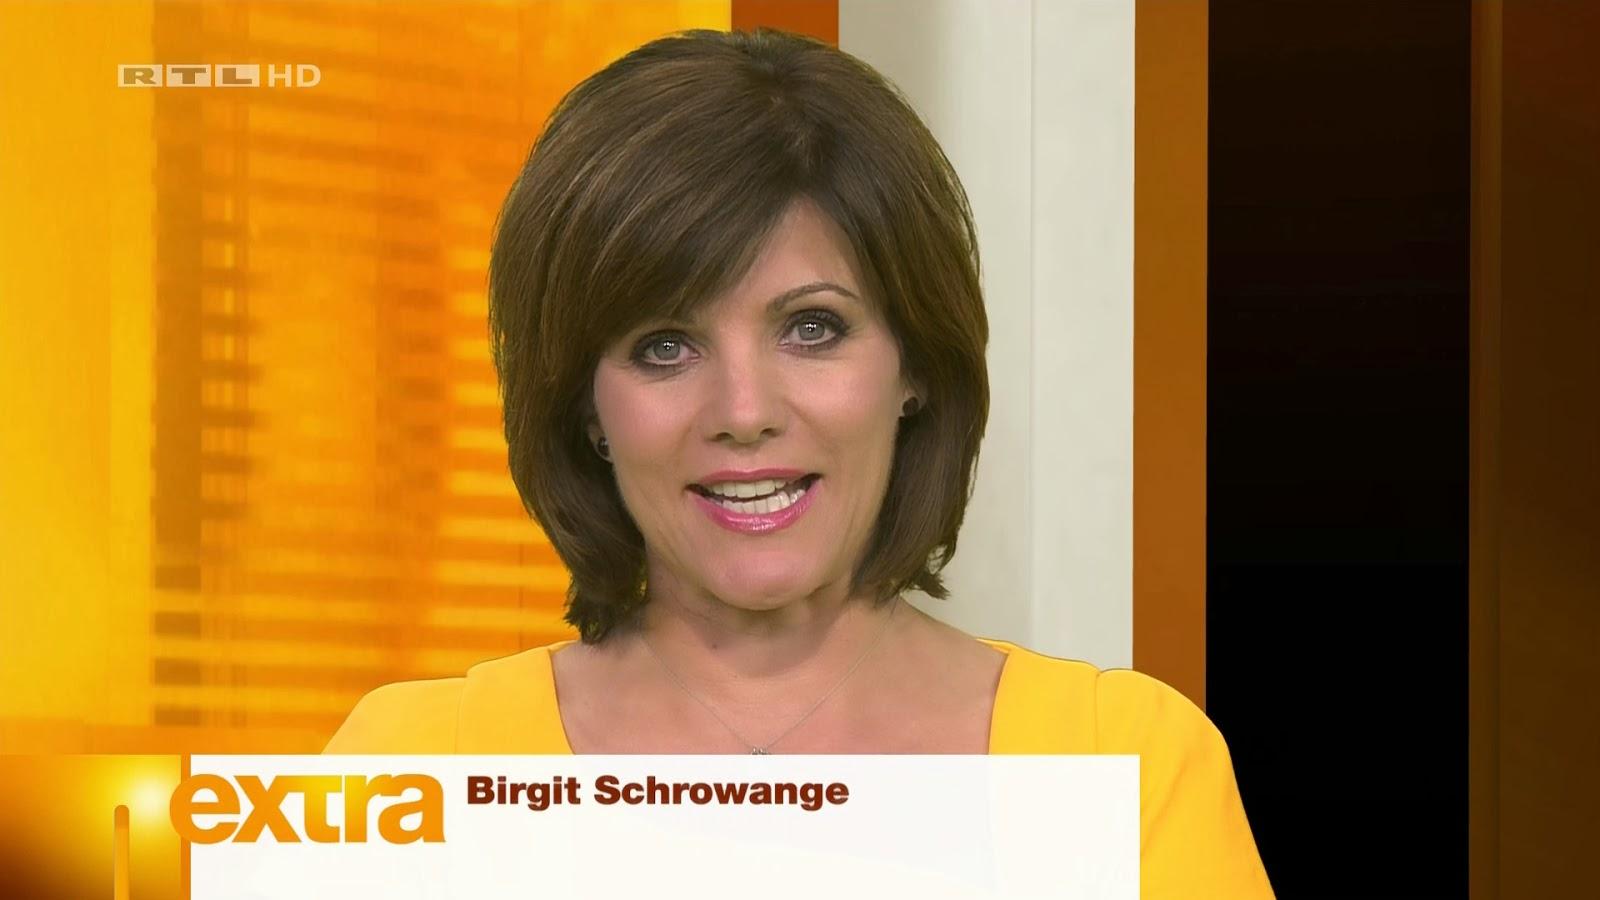 Deutsche TV-Moderatorin Birgit Schrowange feiert ihren 50